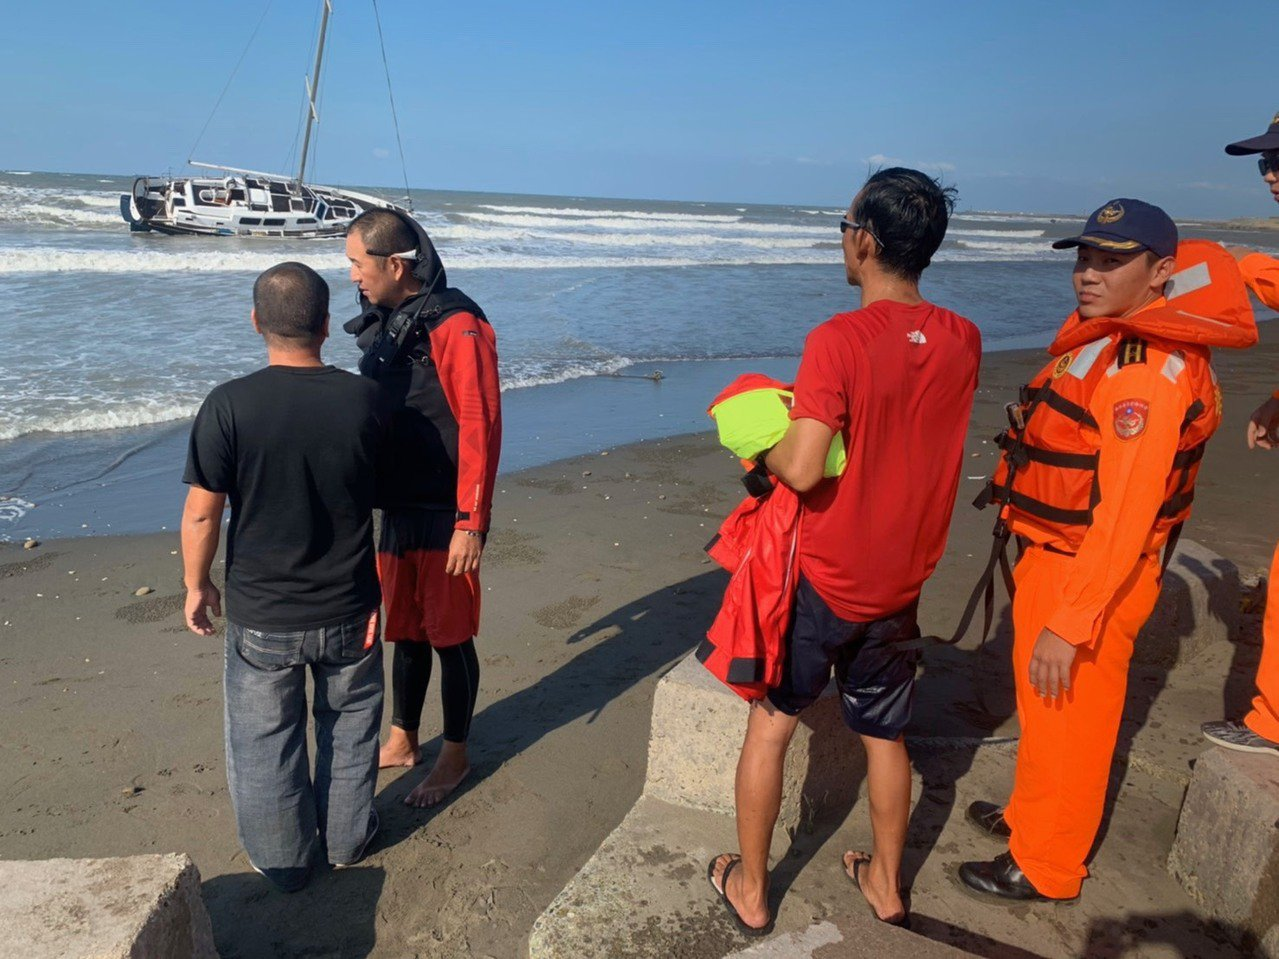 台北市張男與友人駕駛自有遊艇從基隆到竹圍漁港,該艇錨繩斷裂失去動力漂流,1人受傷...